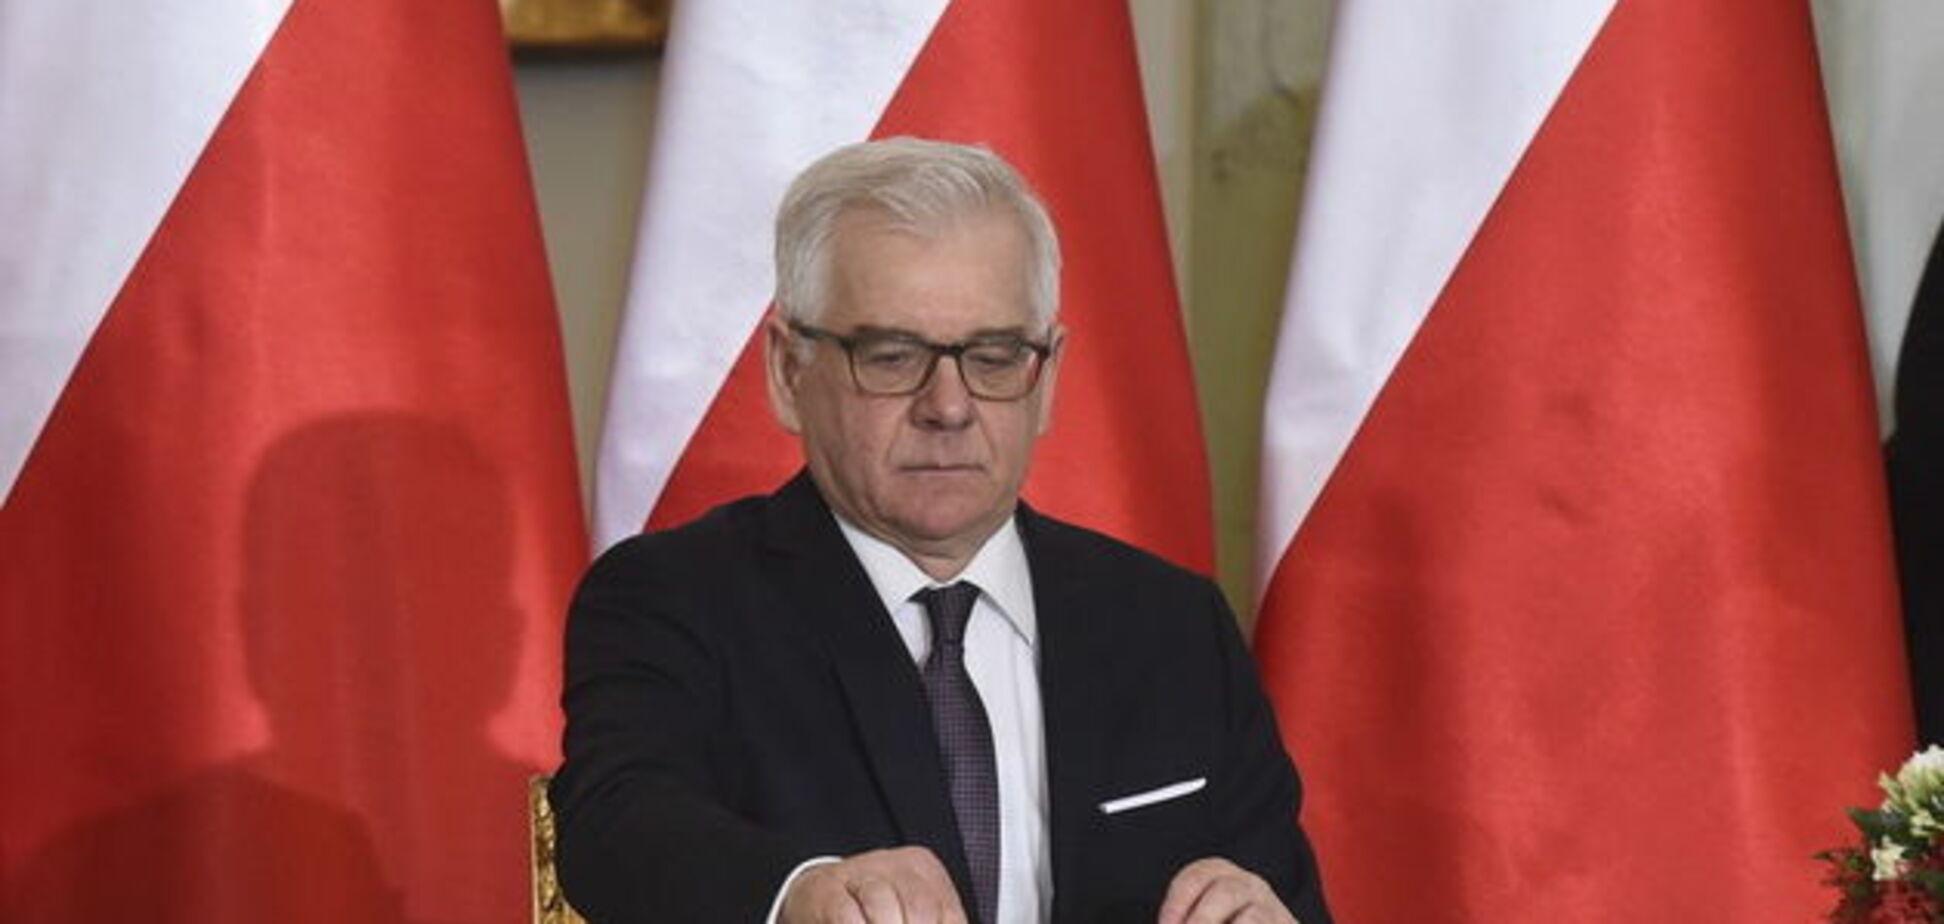 'Історичні' суперечки з Польщею: що зміниться